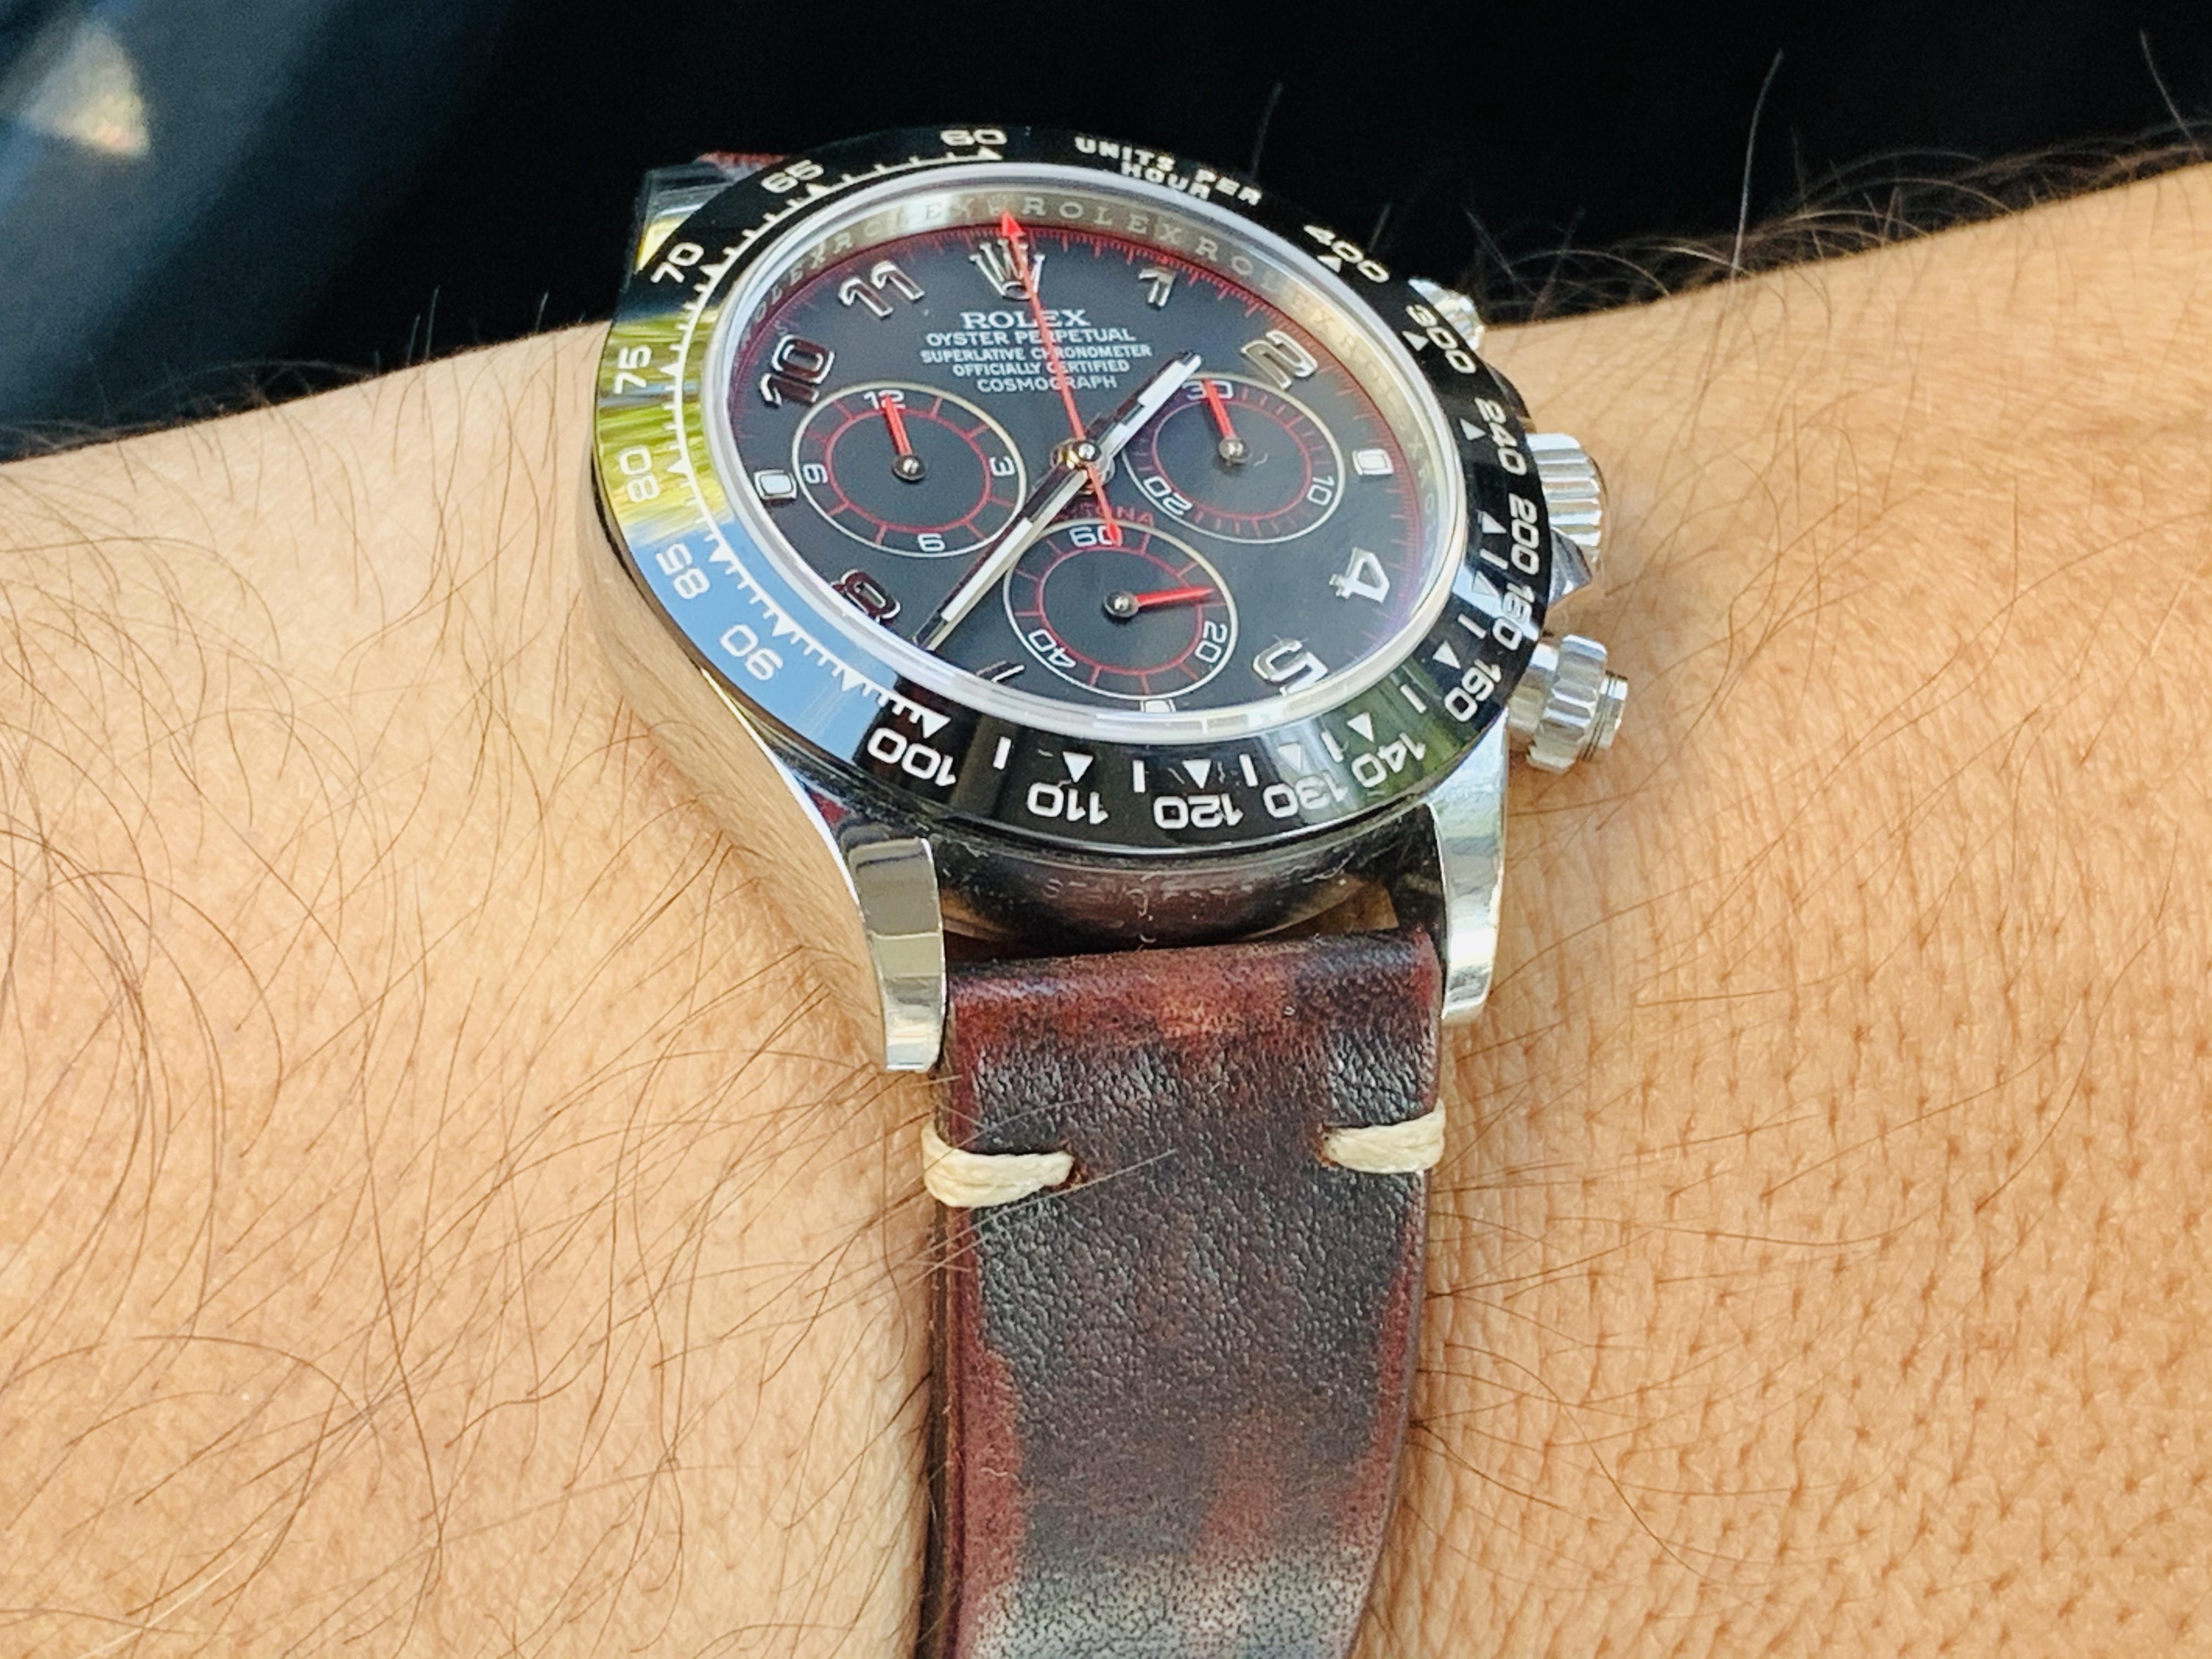 Πρώτη Αγορα ρεπλικα από Sead θα ήθελα τις συμβουλές σας  - Ρολόγια Replica